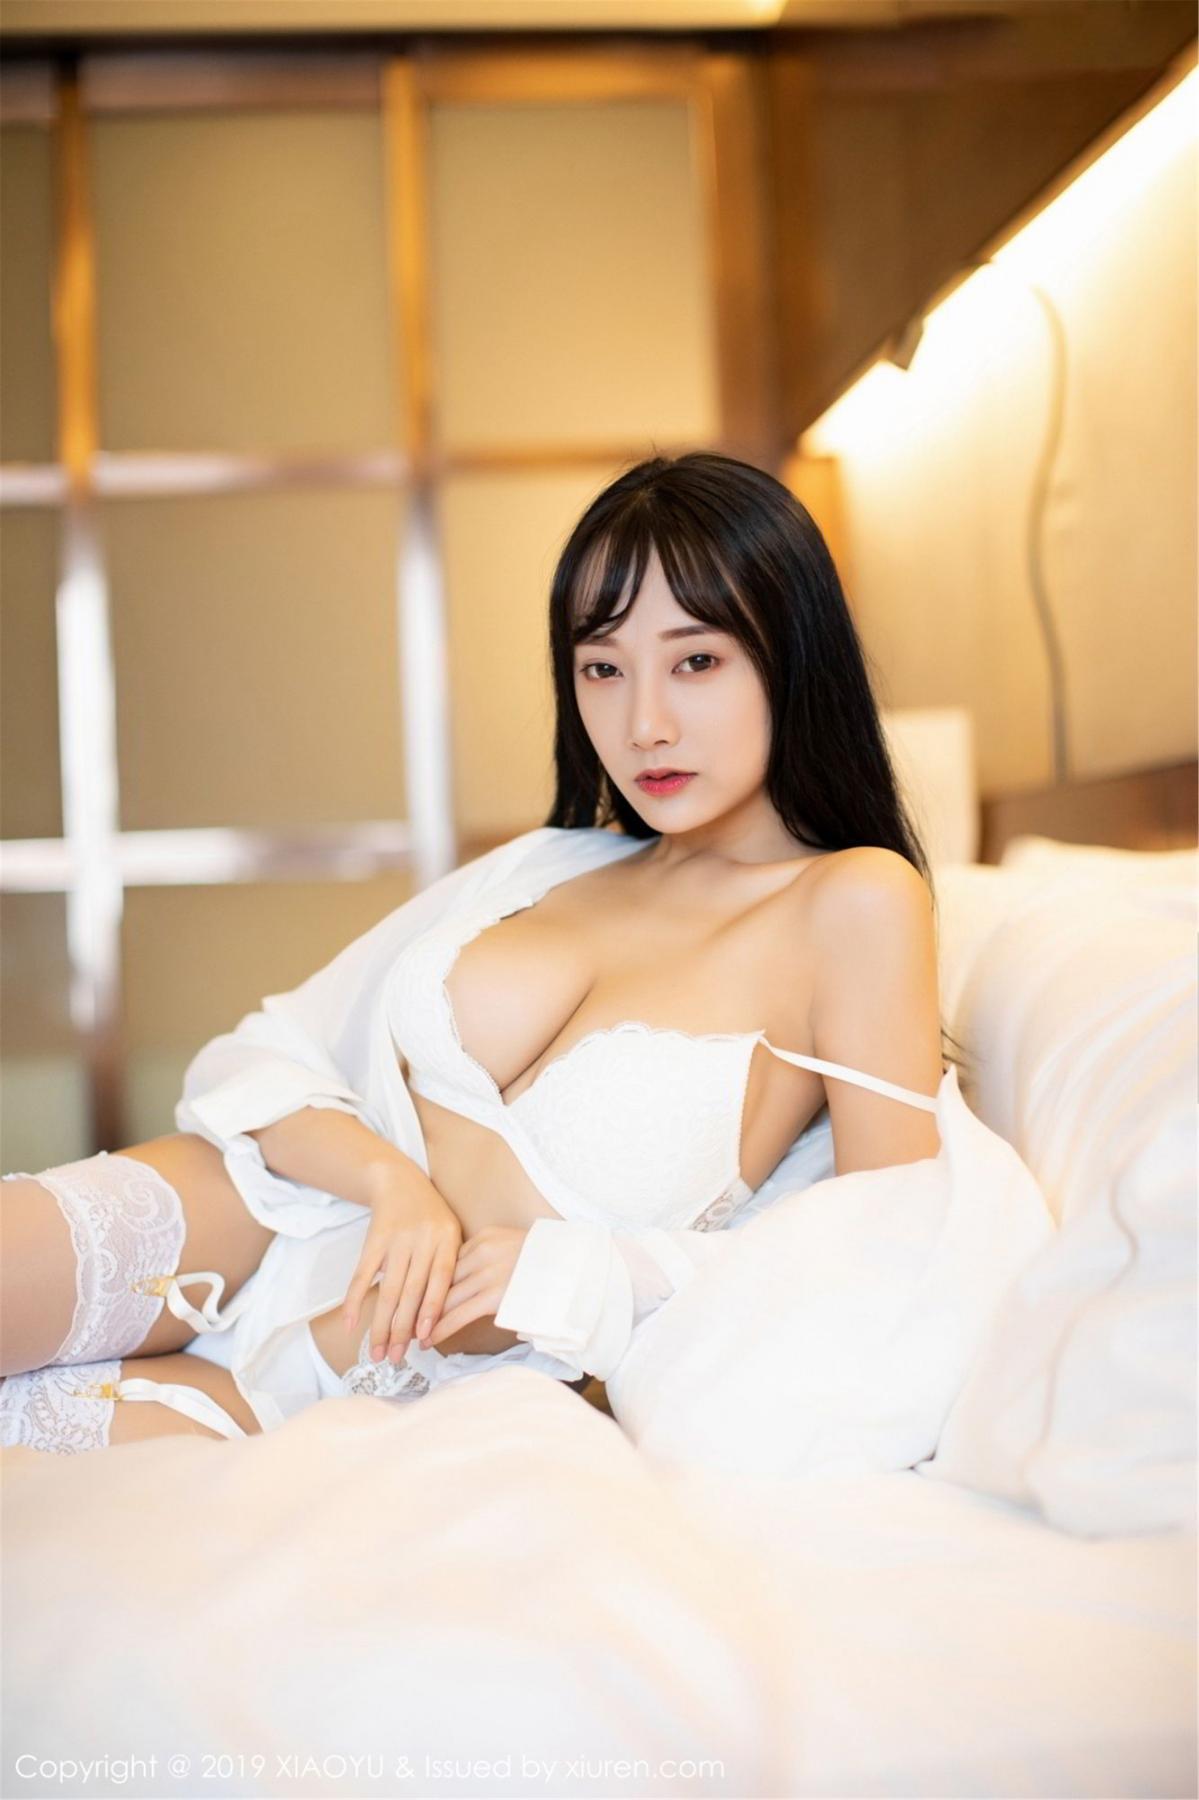 [XiaoYu] Vol.076 He Jia Ying 23P, He Jia Ying, Underwear, XiaoYu